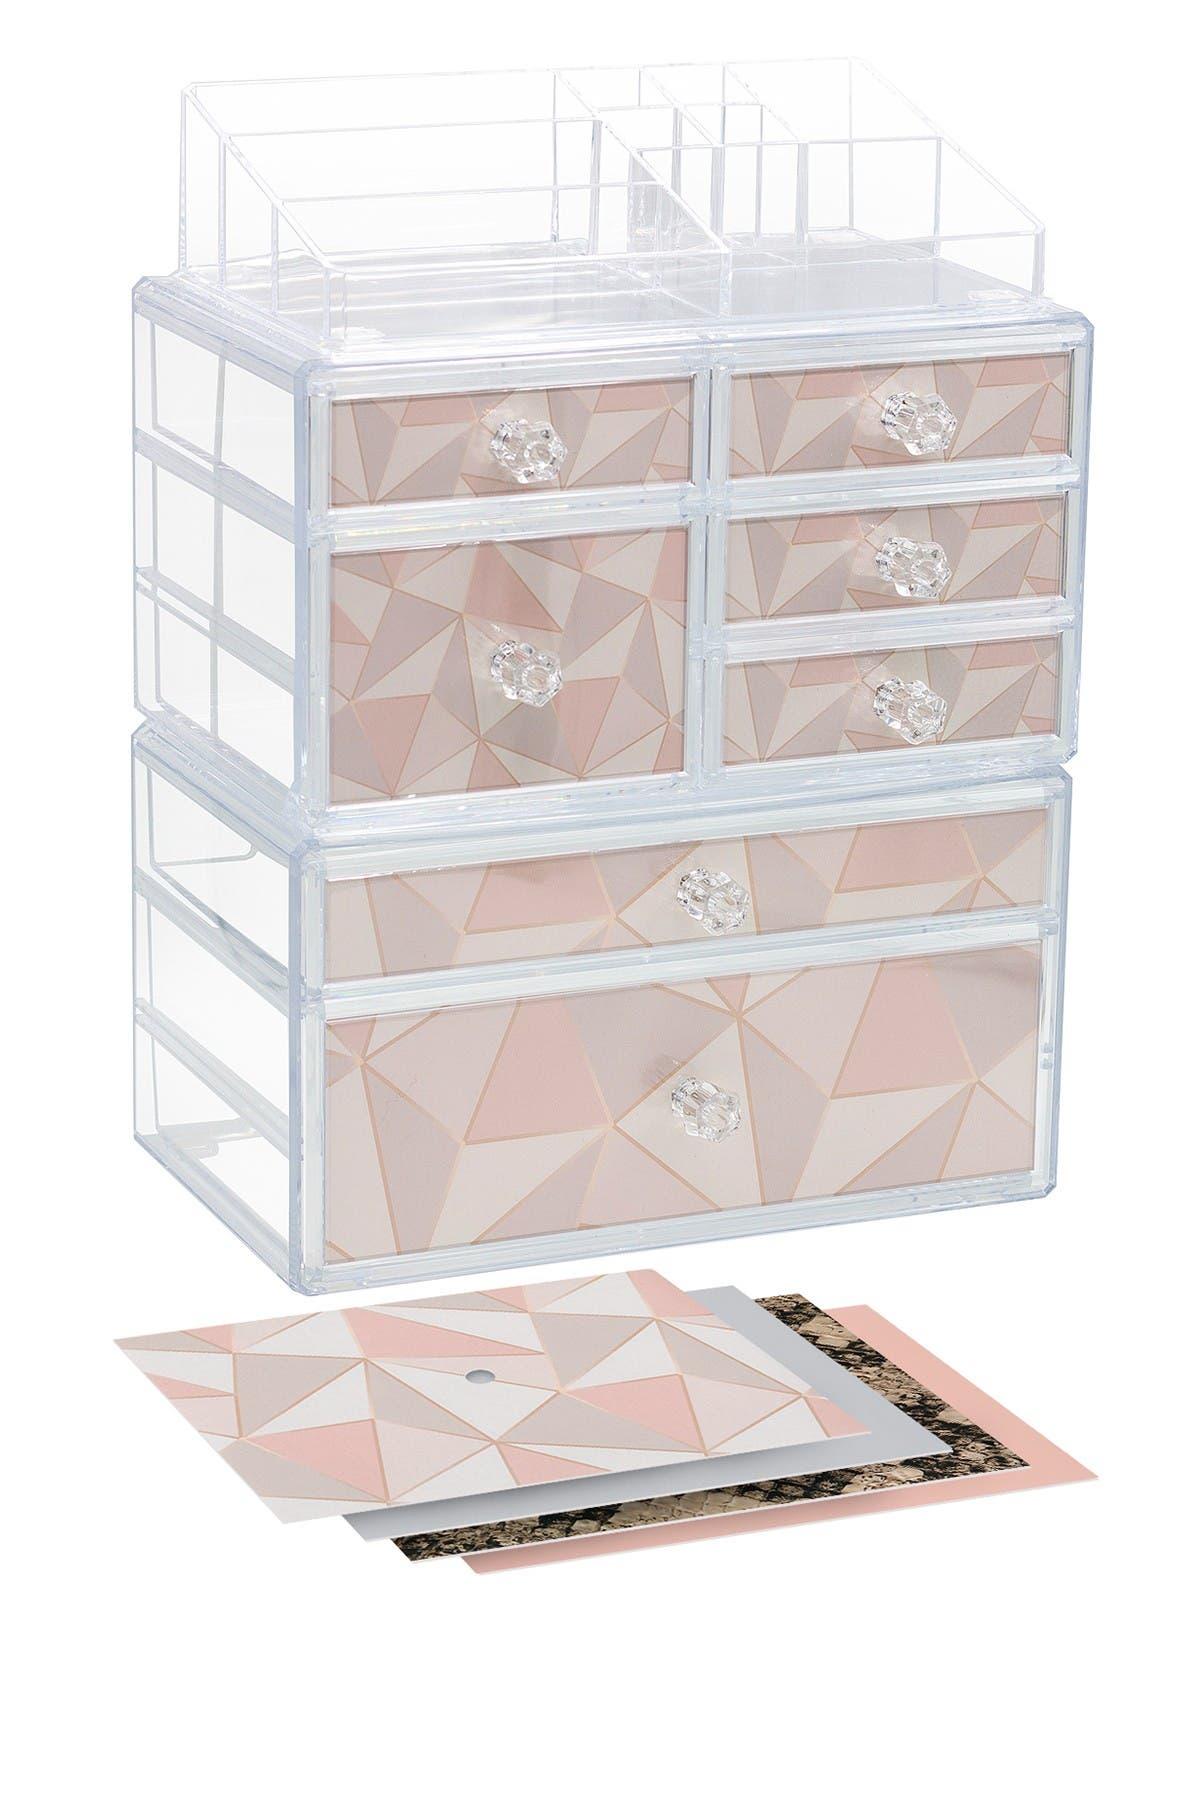 Image of Sorbus Interchangeable Makeup Case